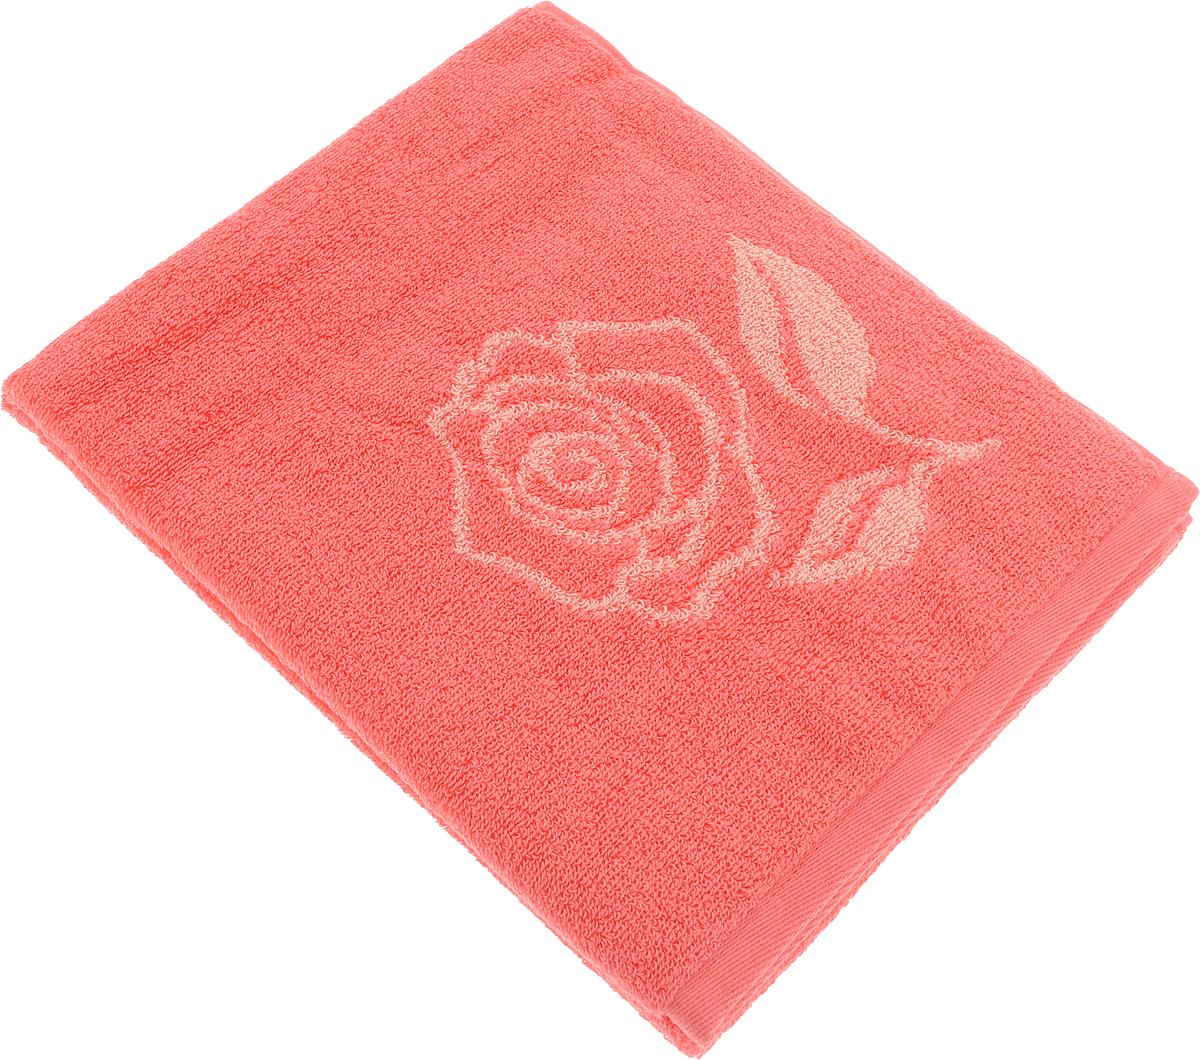 Полотенце банное Aquarelle Розы 1, цвет: розово-персиковый, коралловый, 50 х 90 см. 710445710445Полотенце банное AQUARELLE, размер 50х90см, серия-Розы 1, розово-персиковый, коралл